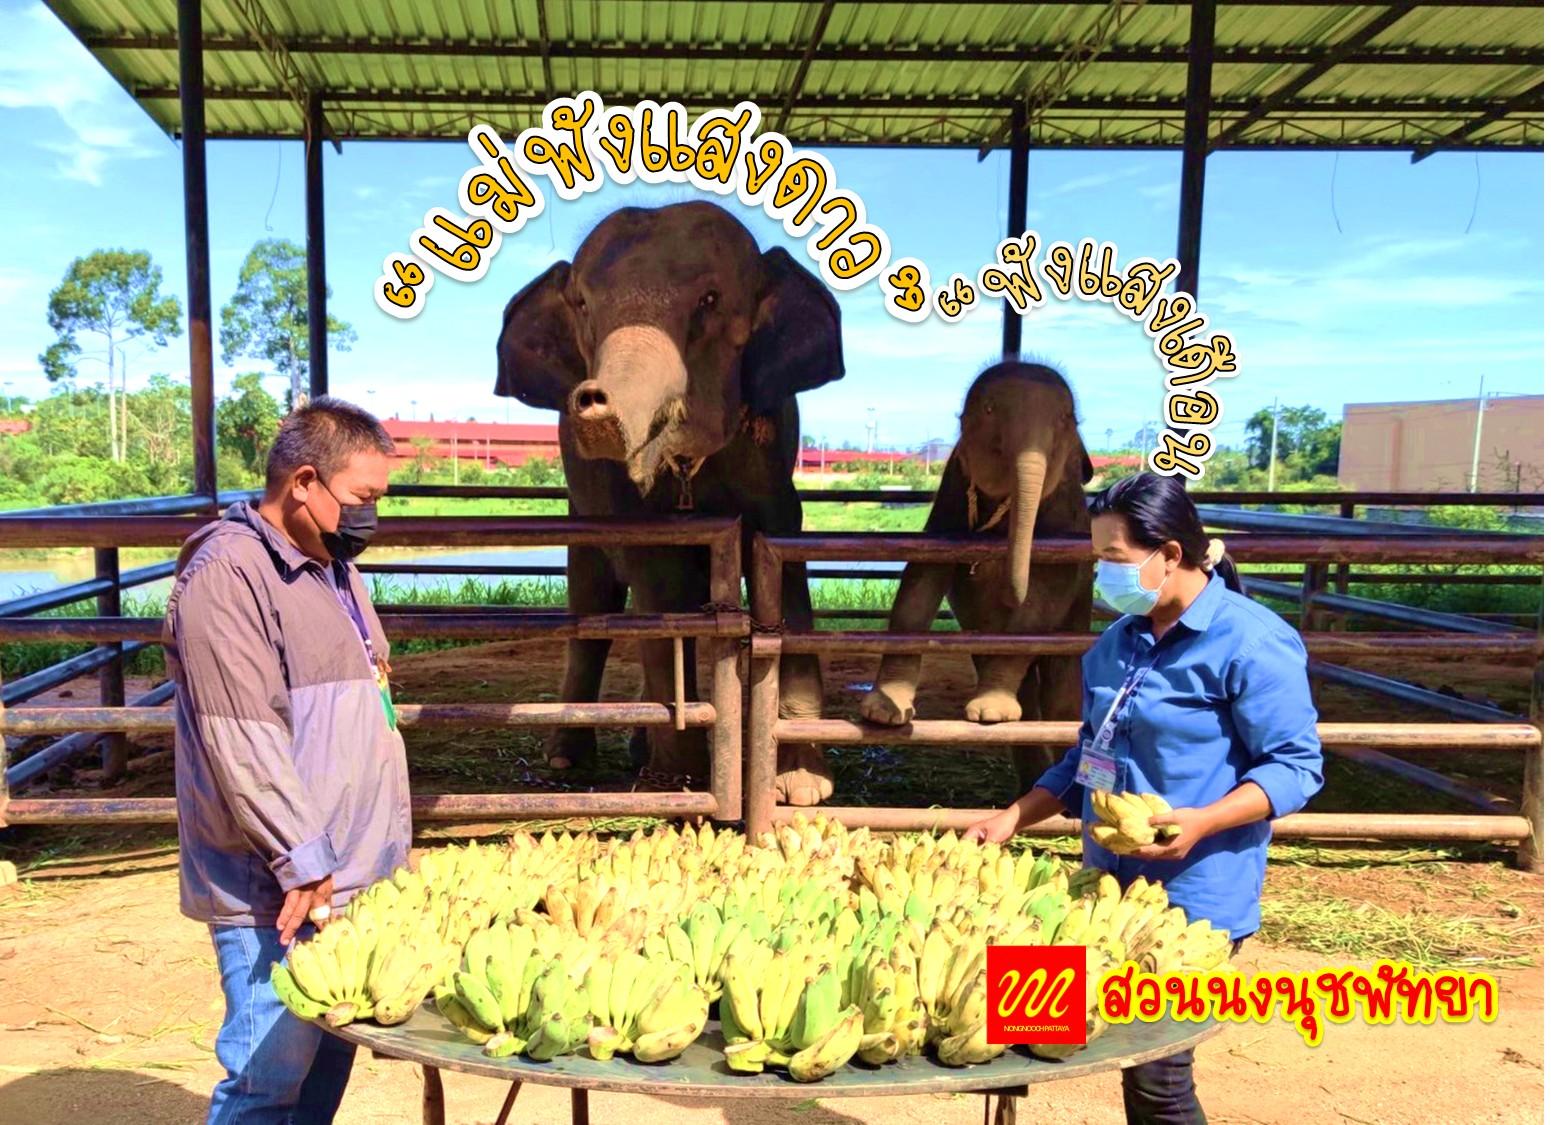 """สวนนงนุชพัทยา ซื้อกล้วยให้ลูกช้าง """"พังแสงเดือน"""" และ """"พังทรายแก้ว"""" ตามความประสงค์ของลูกค้าที่บริจาคเงินสมทบเป็นค่าอาหาร"""